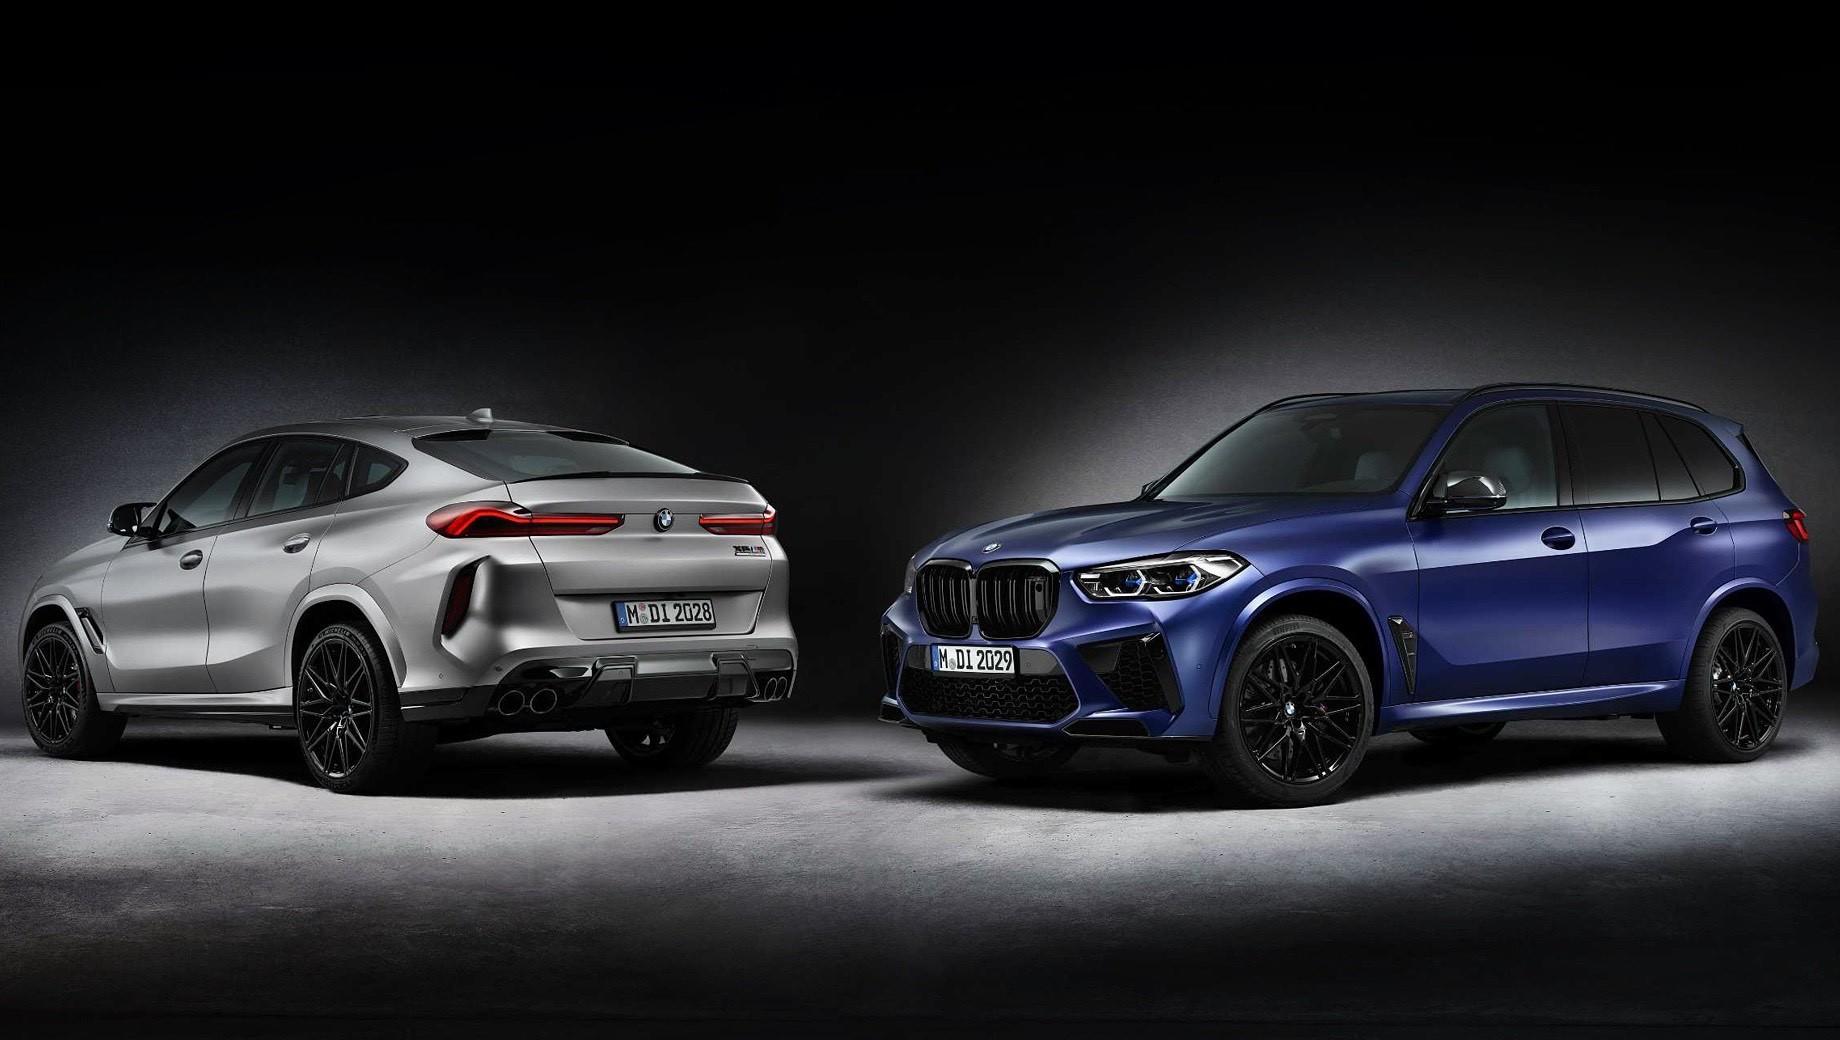 Bmw x5 m,Bmw x6 m,Bmw x5 m first edition,Bmw x6 m first edition. По двигателю и настройкам шасси BMW X5 M и X6 M в комплектации First Edition не отличаются от машин в исполнении Competition. Битурбодвигатель V8 4.4 развивает 625 л.с. и 750 Н•м, время разгона до сотни занимает 3,8 с, а ограниченная электроникой максимальная скорость — 250 км/ч.